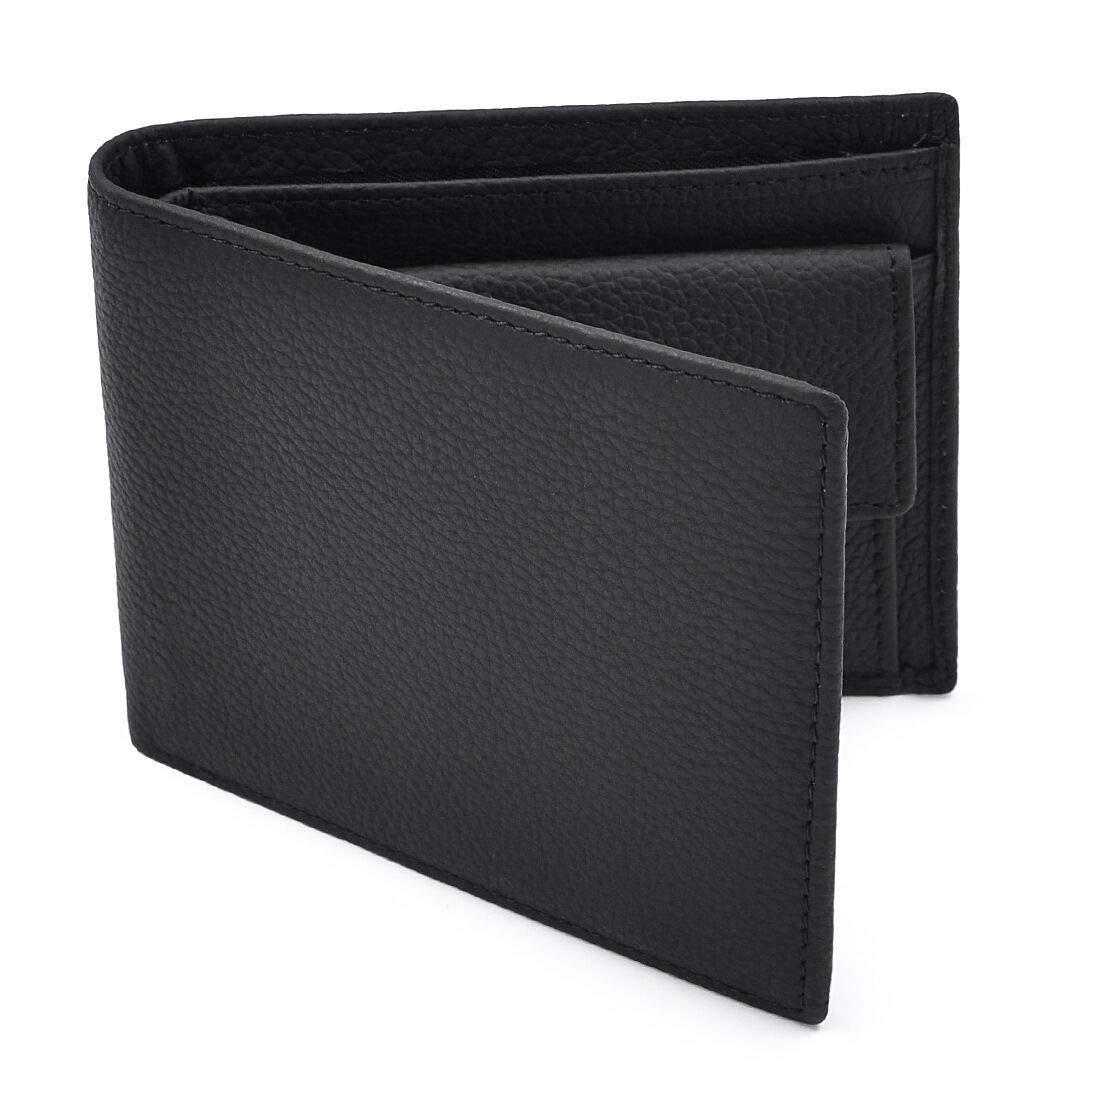 Newhey Cartera Hombre Cuero Billetera RFID Bloqueo Monedero Tarjetas Crédito Moda con Bolsillo Monedas Negro product